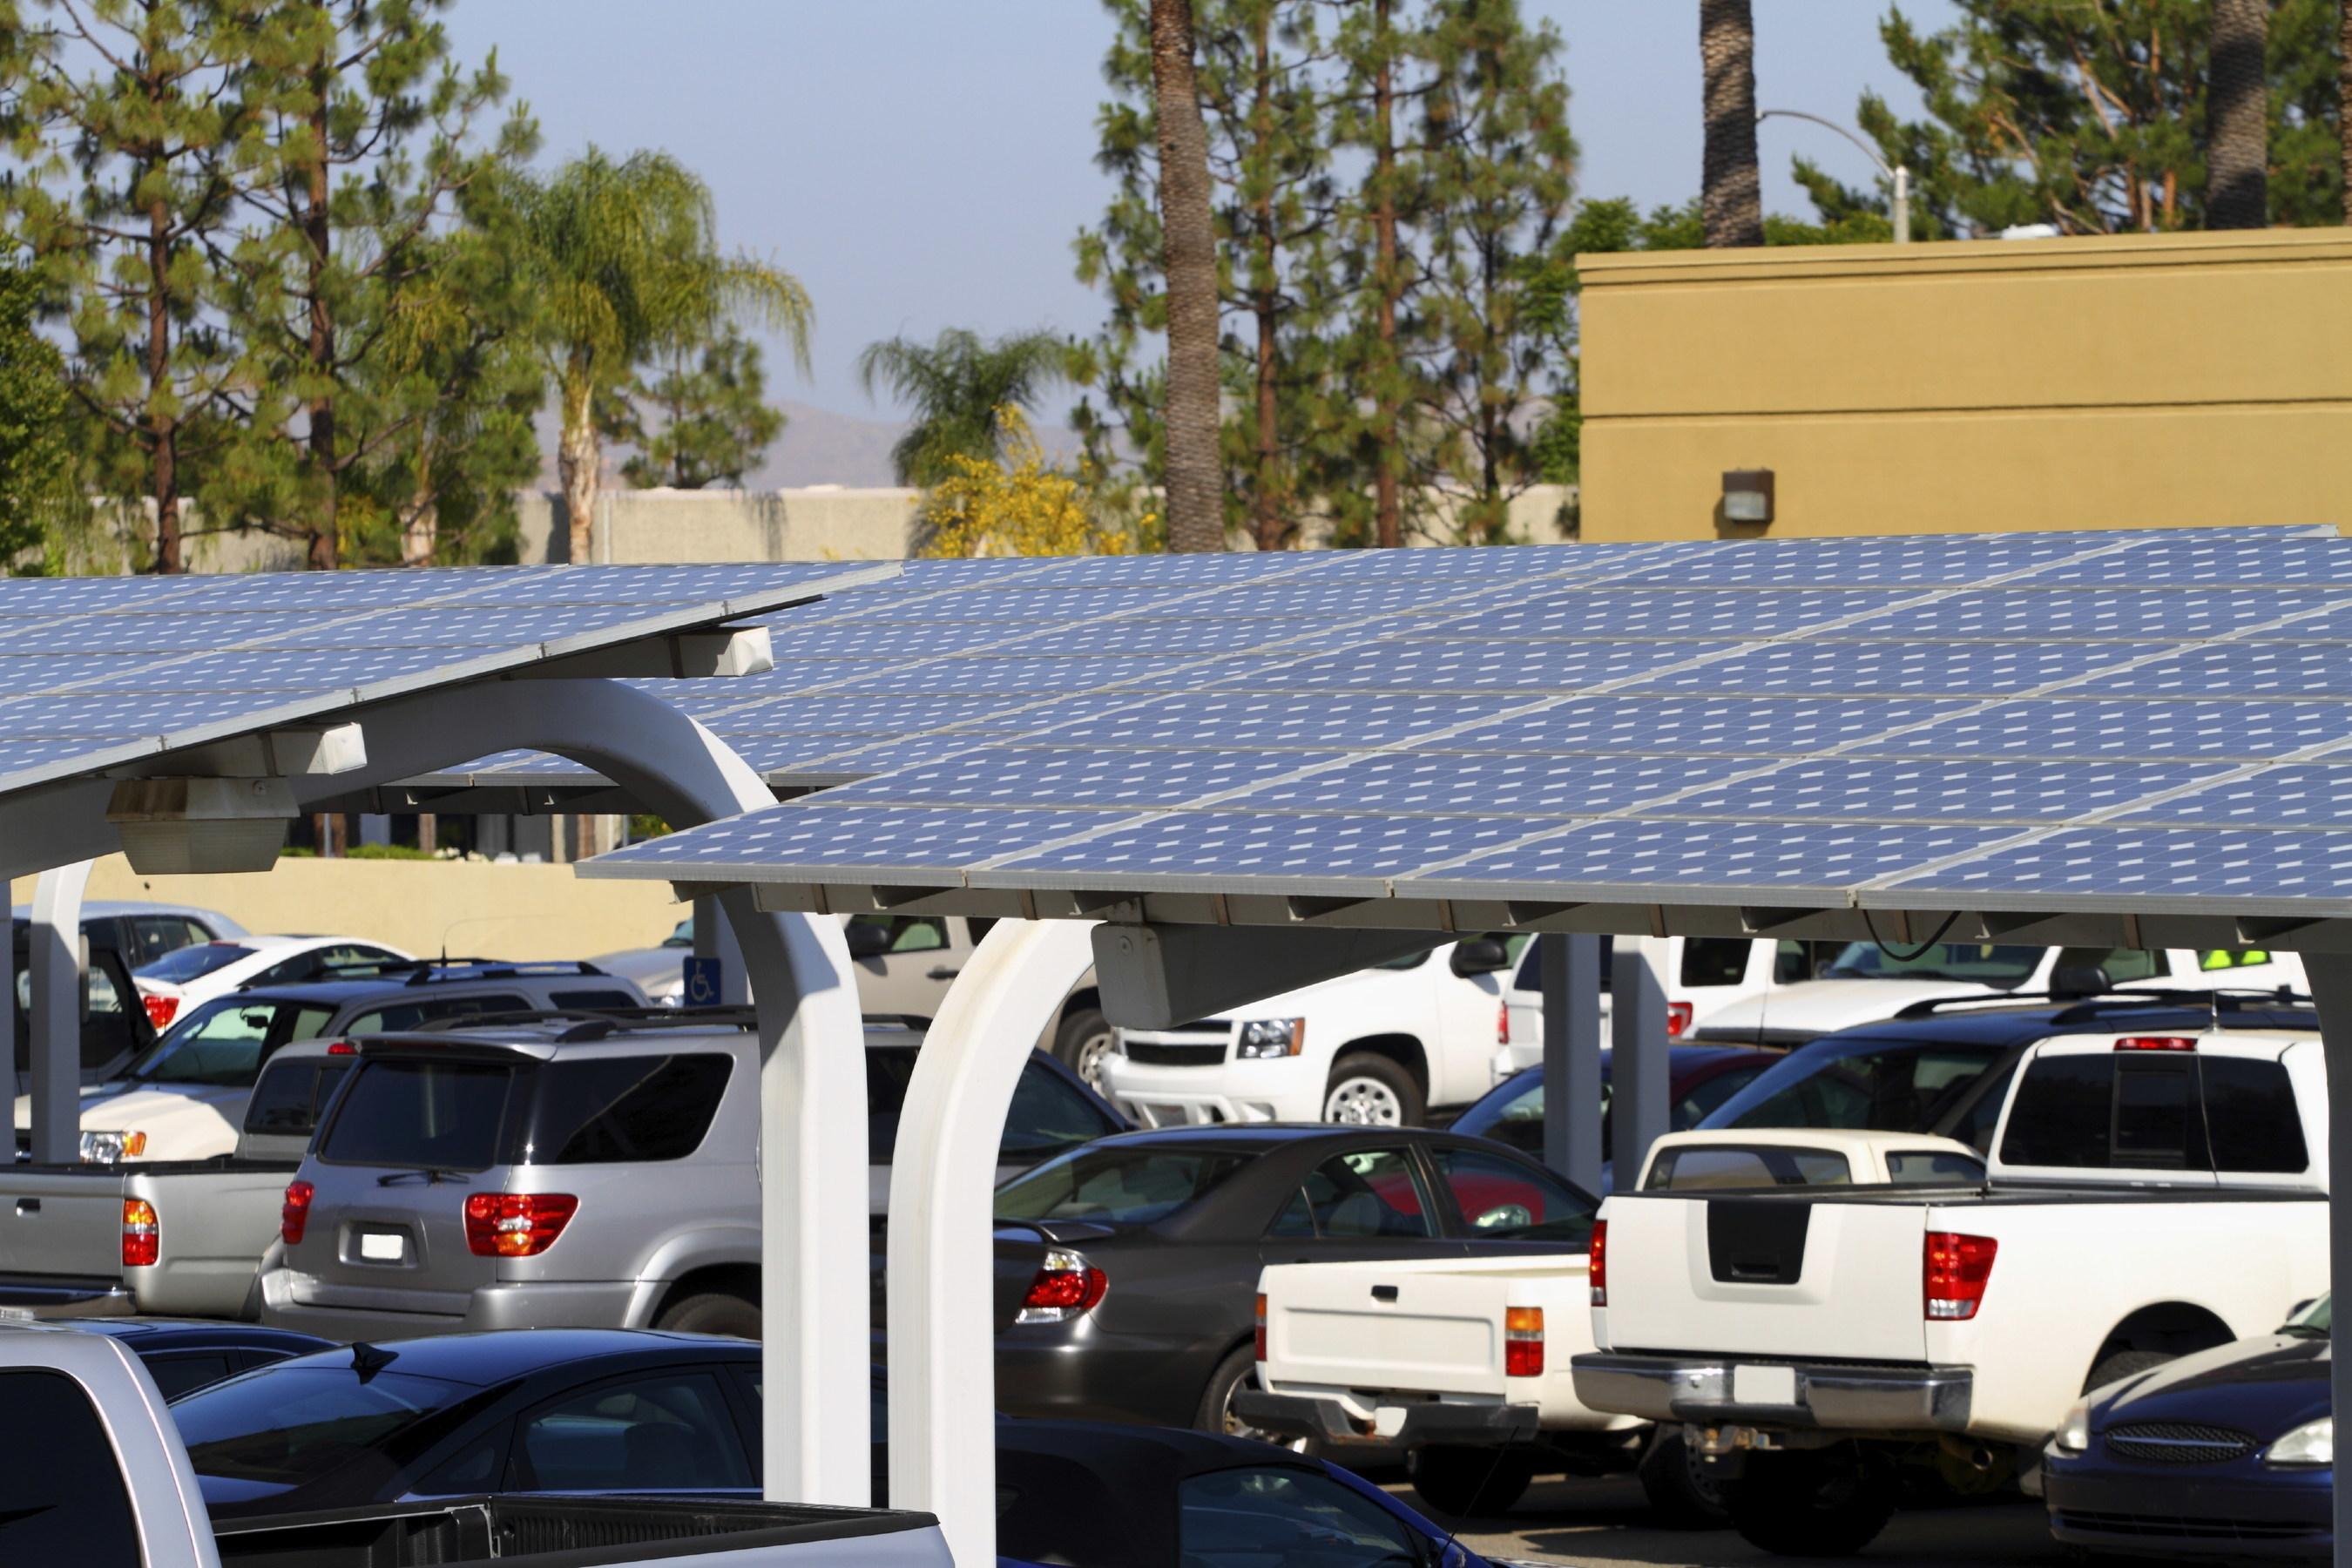 Sample Solar Canopy